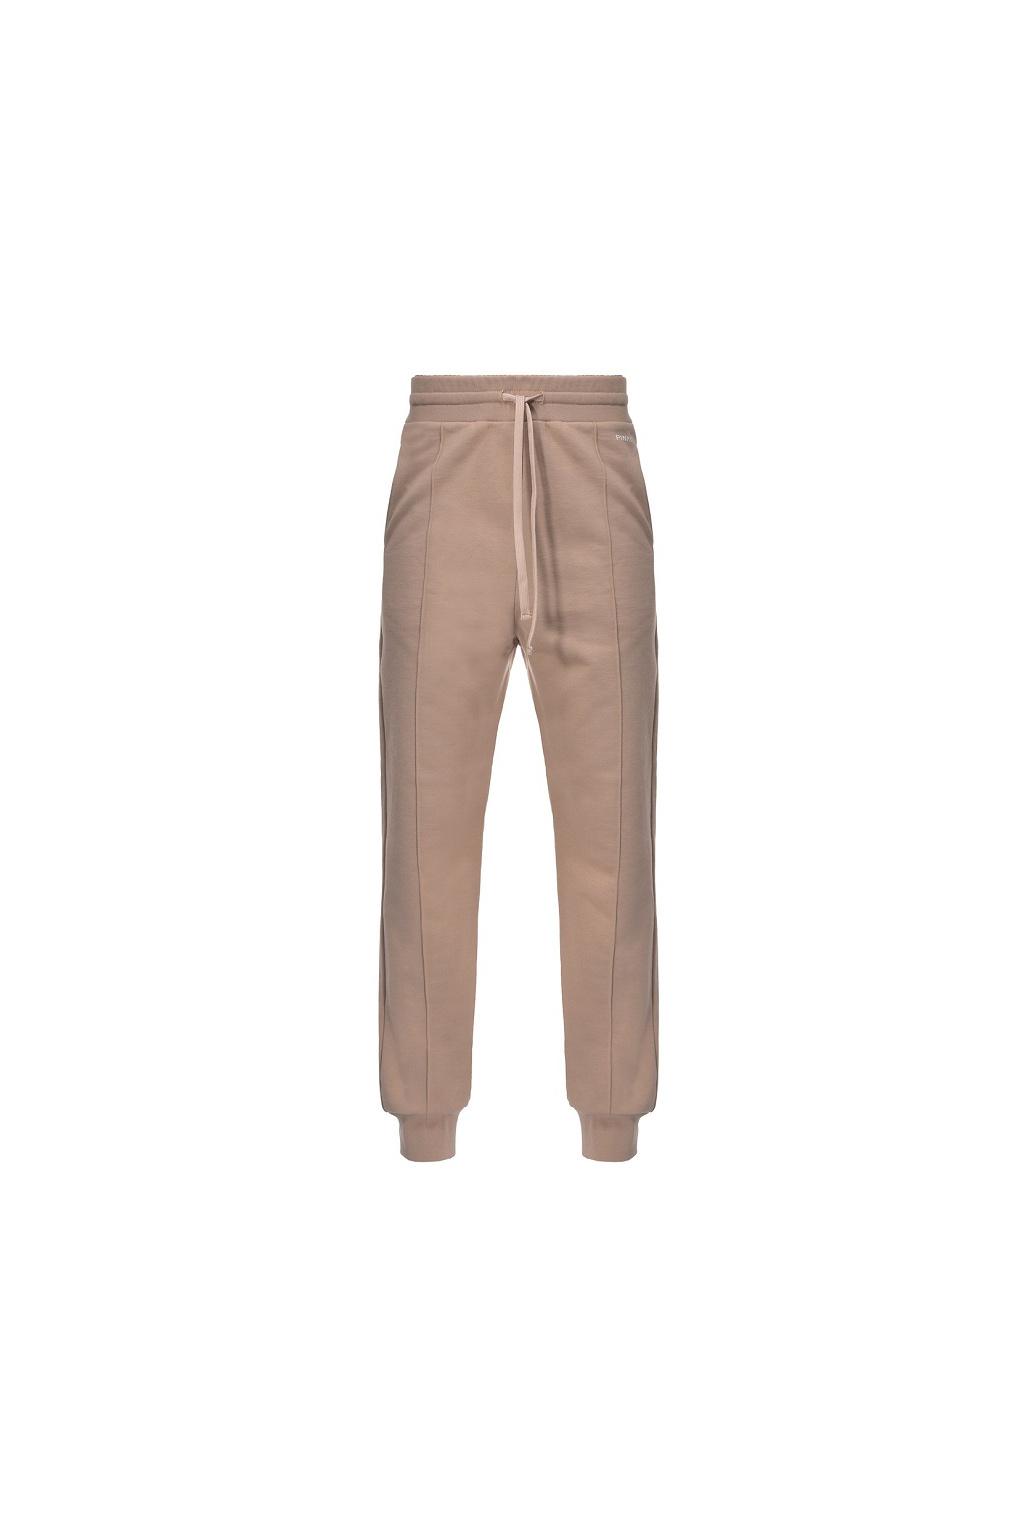 1N12Y0Y75F C99 Dámské kalhoty Pinko Addams béžové